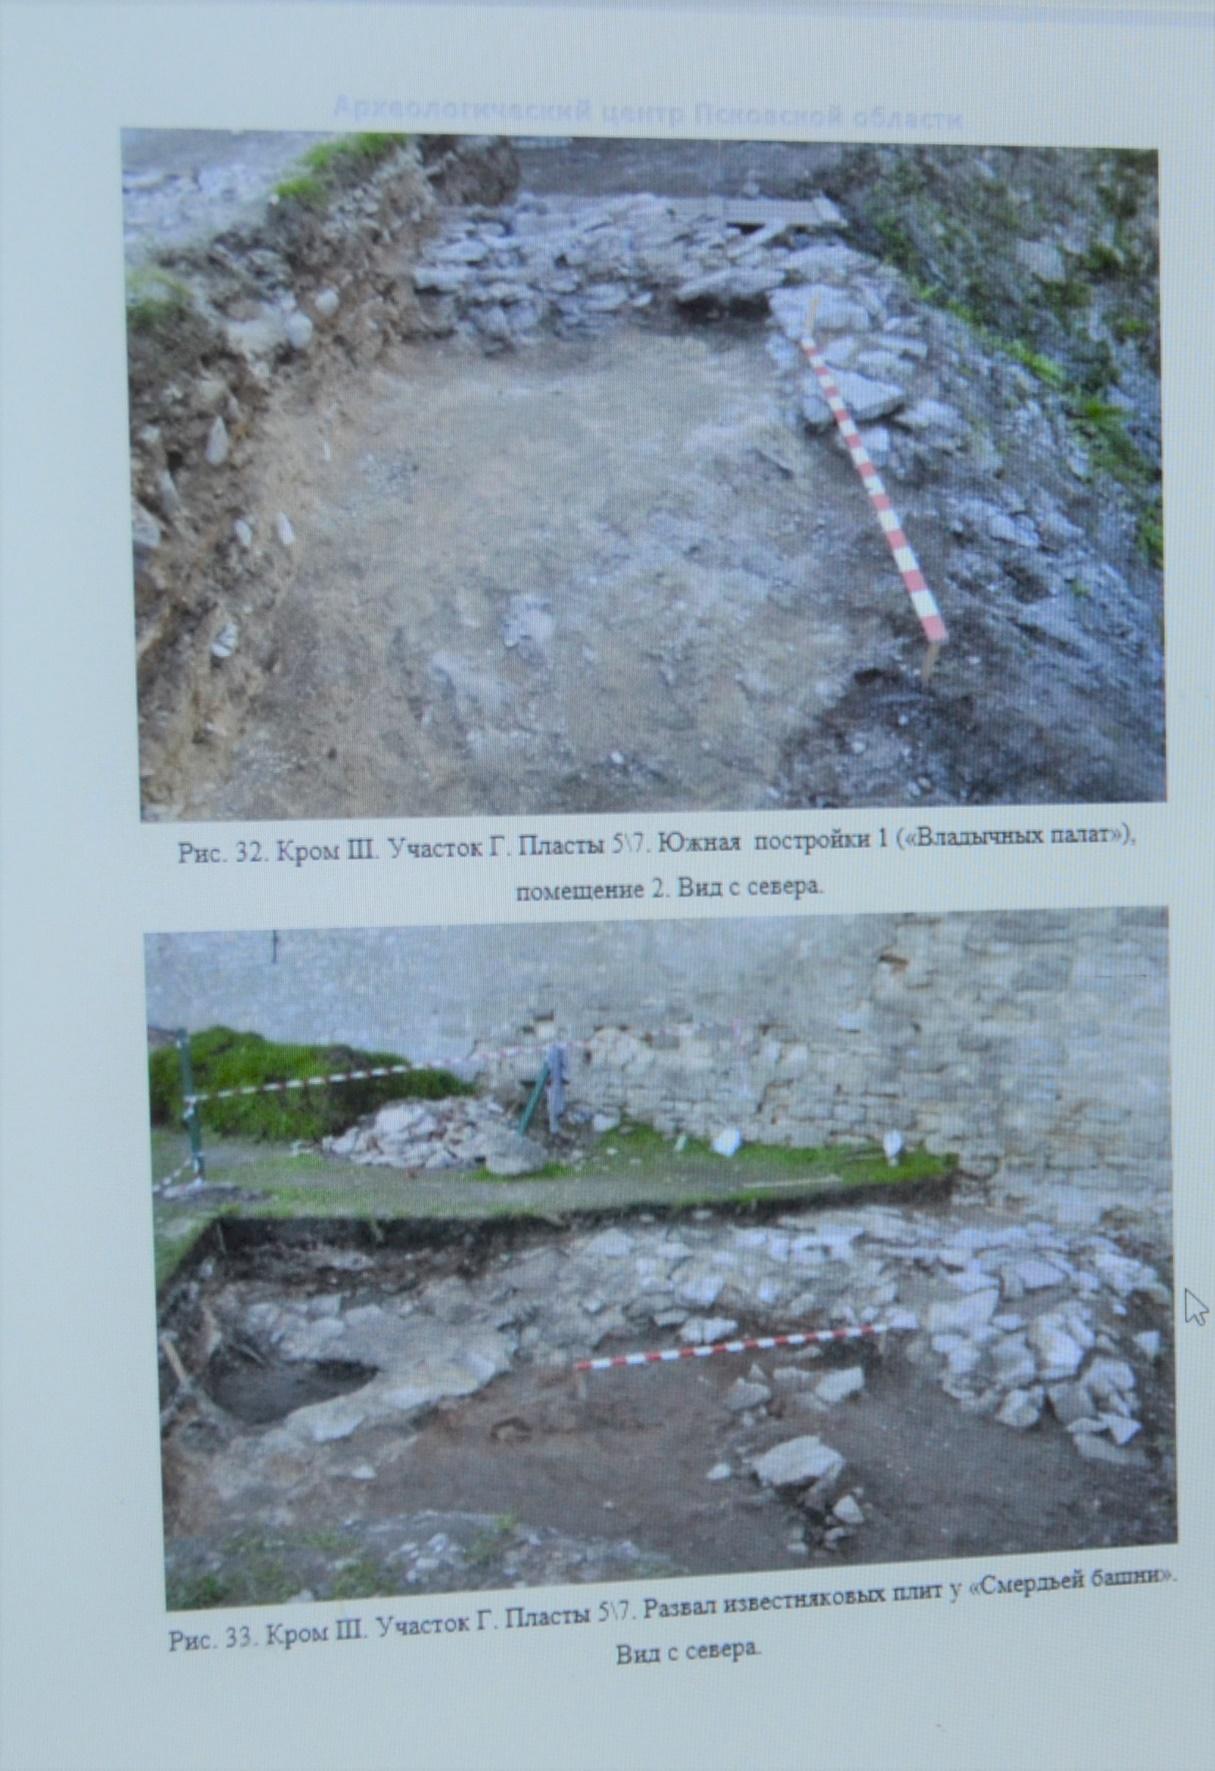 C:\Users\Раиса\Desktop\Стройэкспертиза 19.02.2020 Псков2\ЭКСПЕРТНОЕ заключение\Археологические исследования\отчет фото\Участок Г.jpg